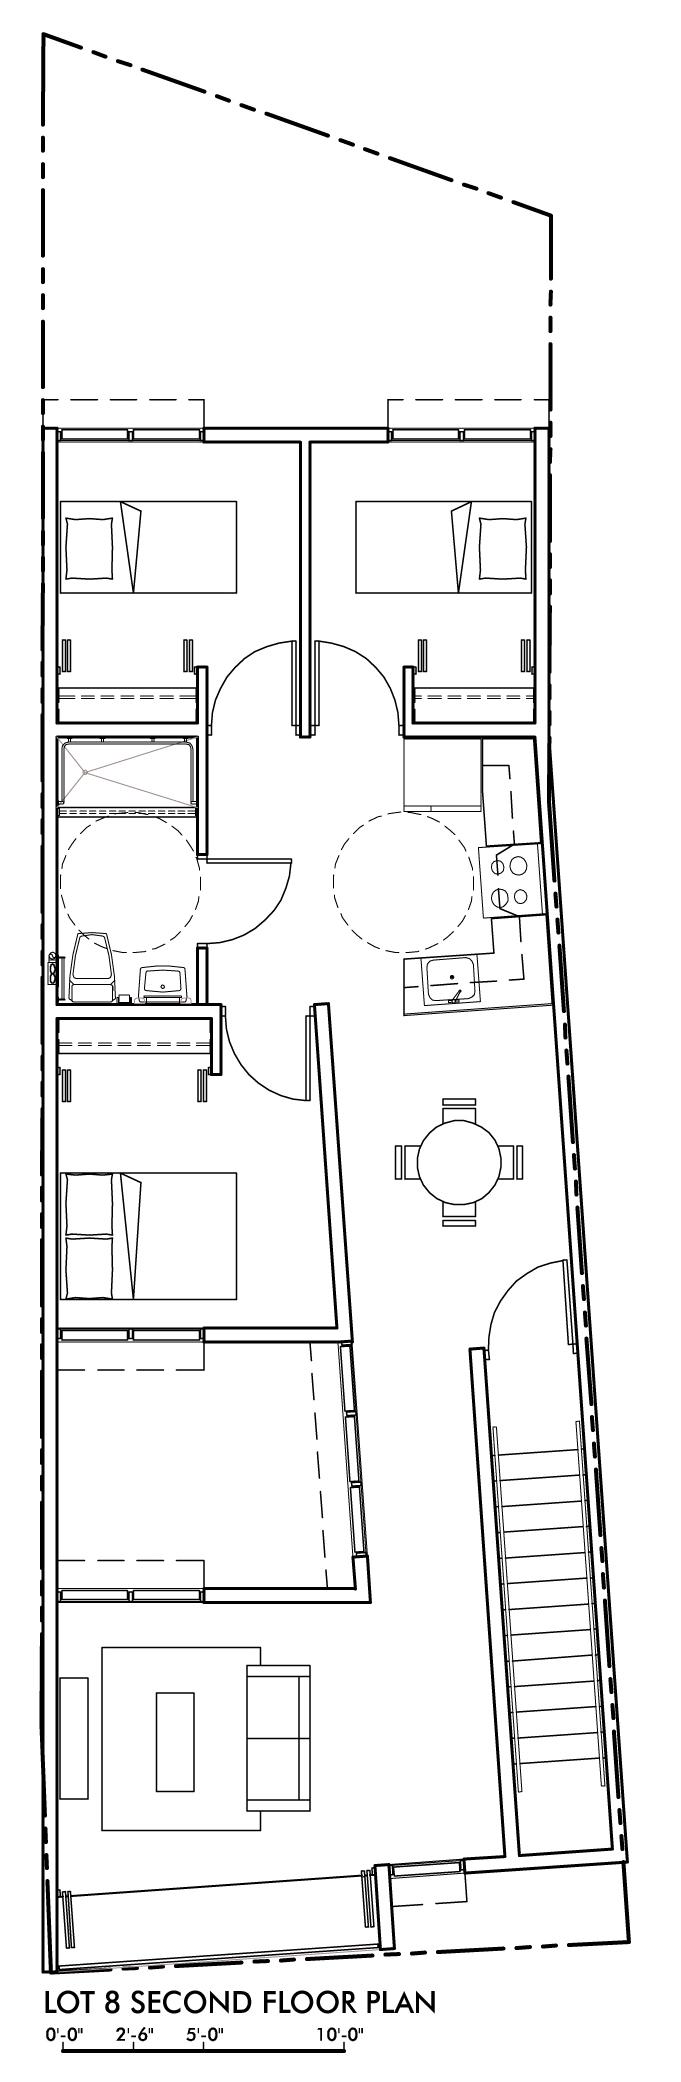 lote 8 second floor plan.jpg